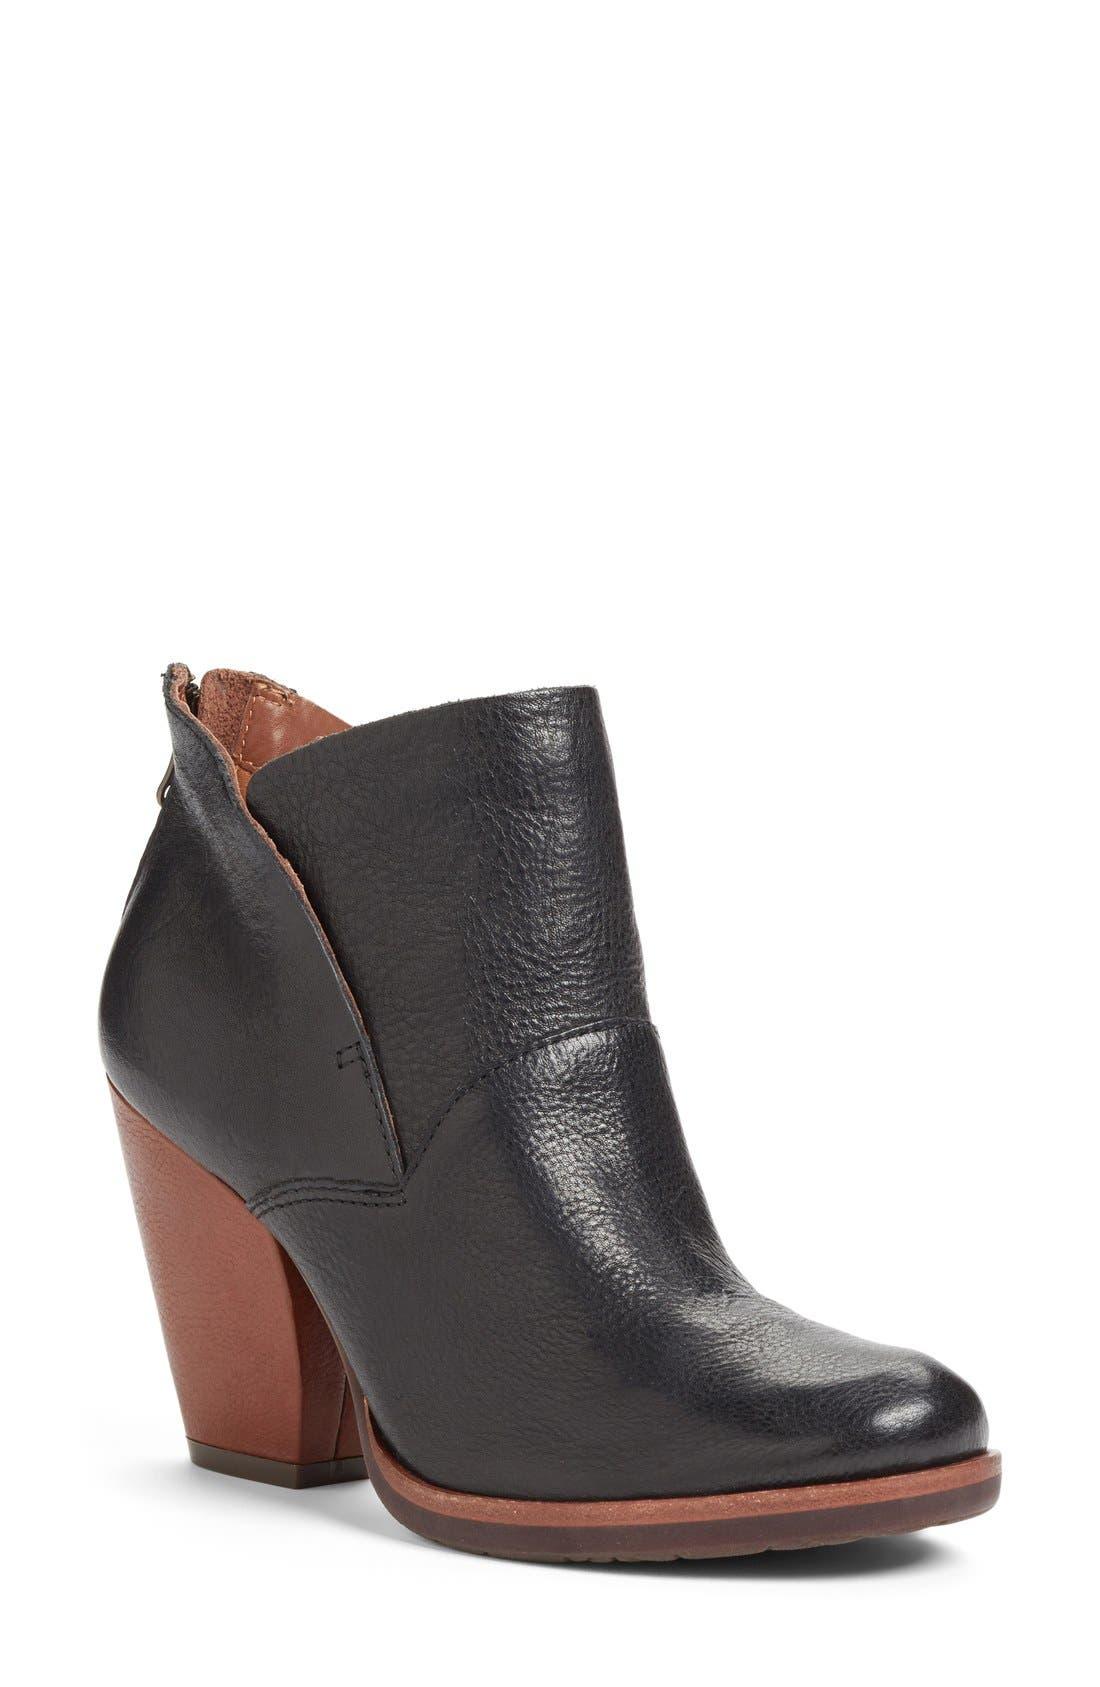 Alternate Image 1 Selected - Kork-Ease™ 'Castaneda'  Boot (Women)